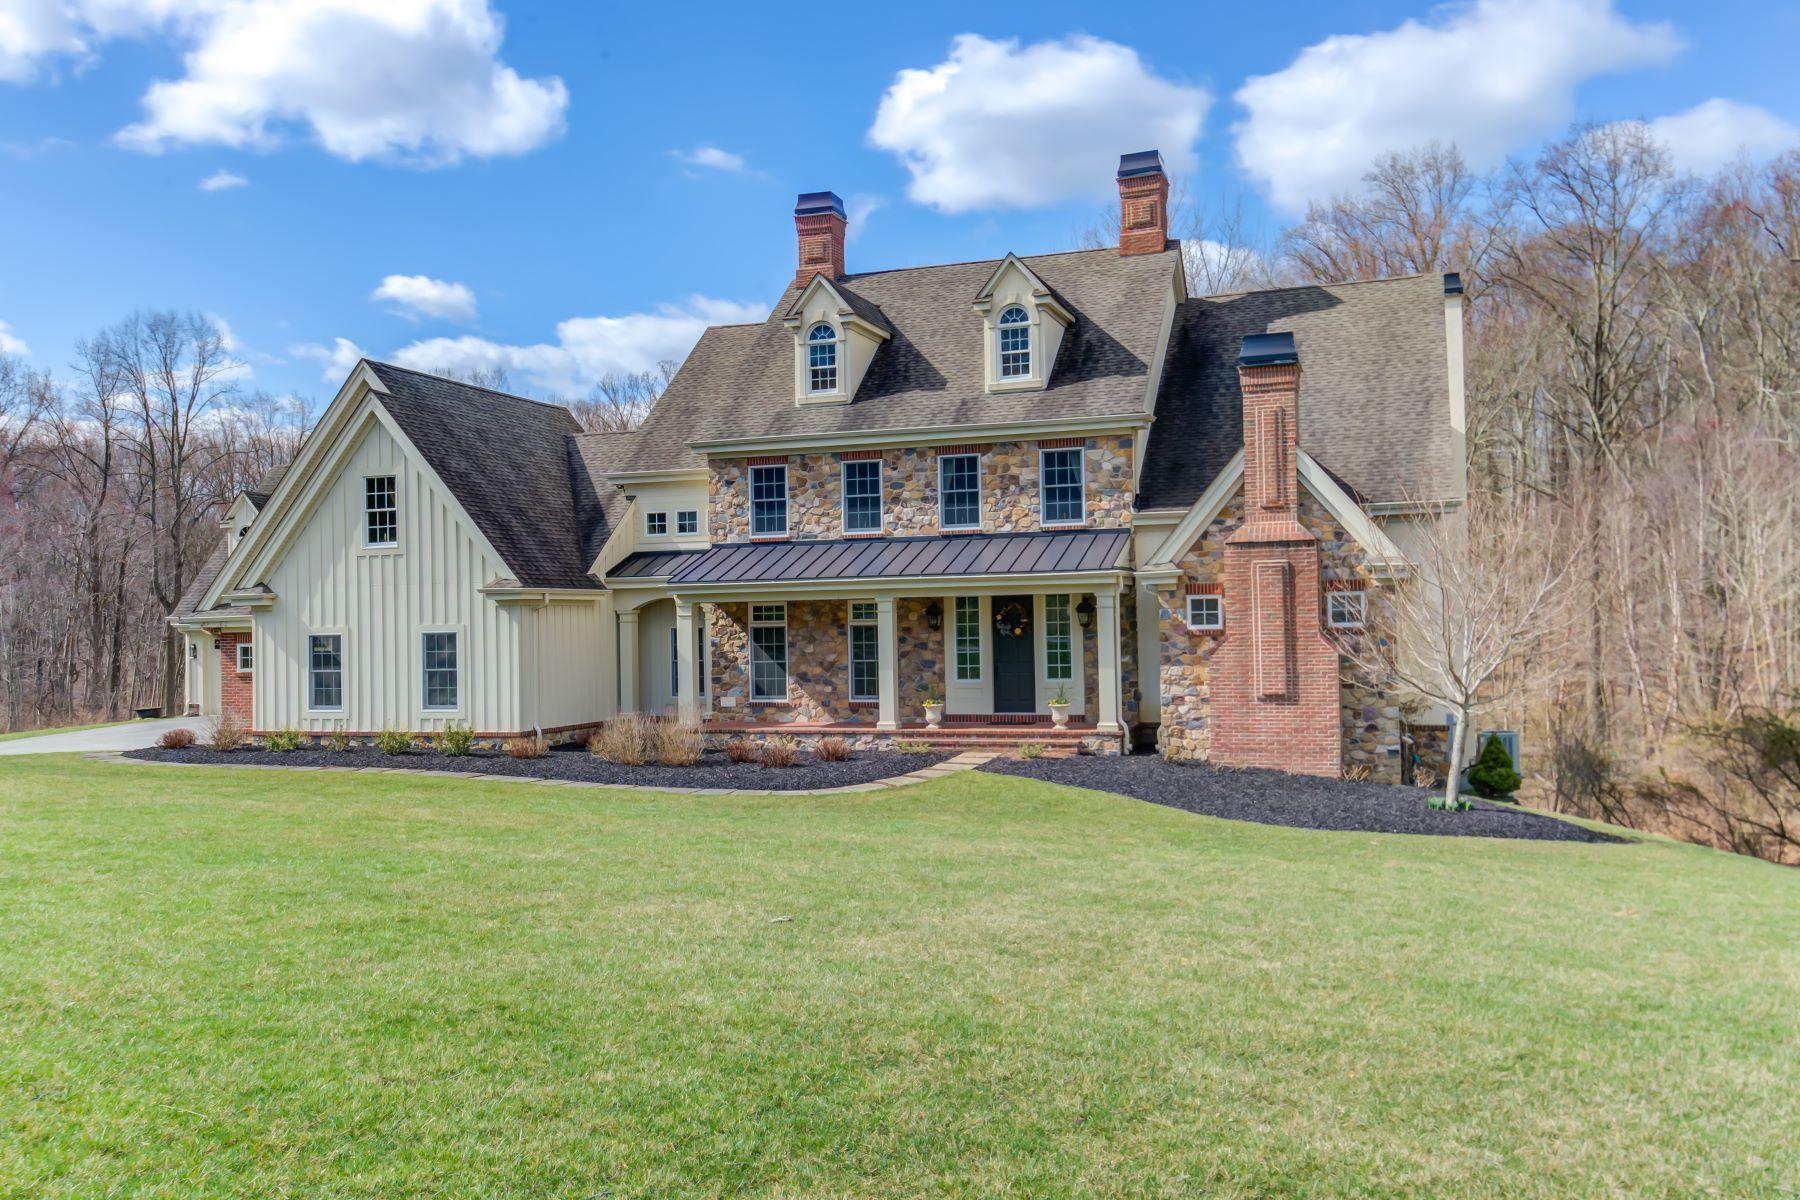 Частный односемейный дом для того Продажа на 212 Arrowwood Lane, Chadds Ford, PA 19317 Chadds Ford, Пенсильвания 19317 Соединенные Штаты